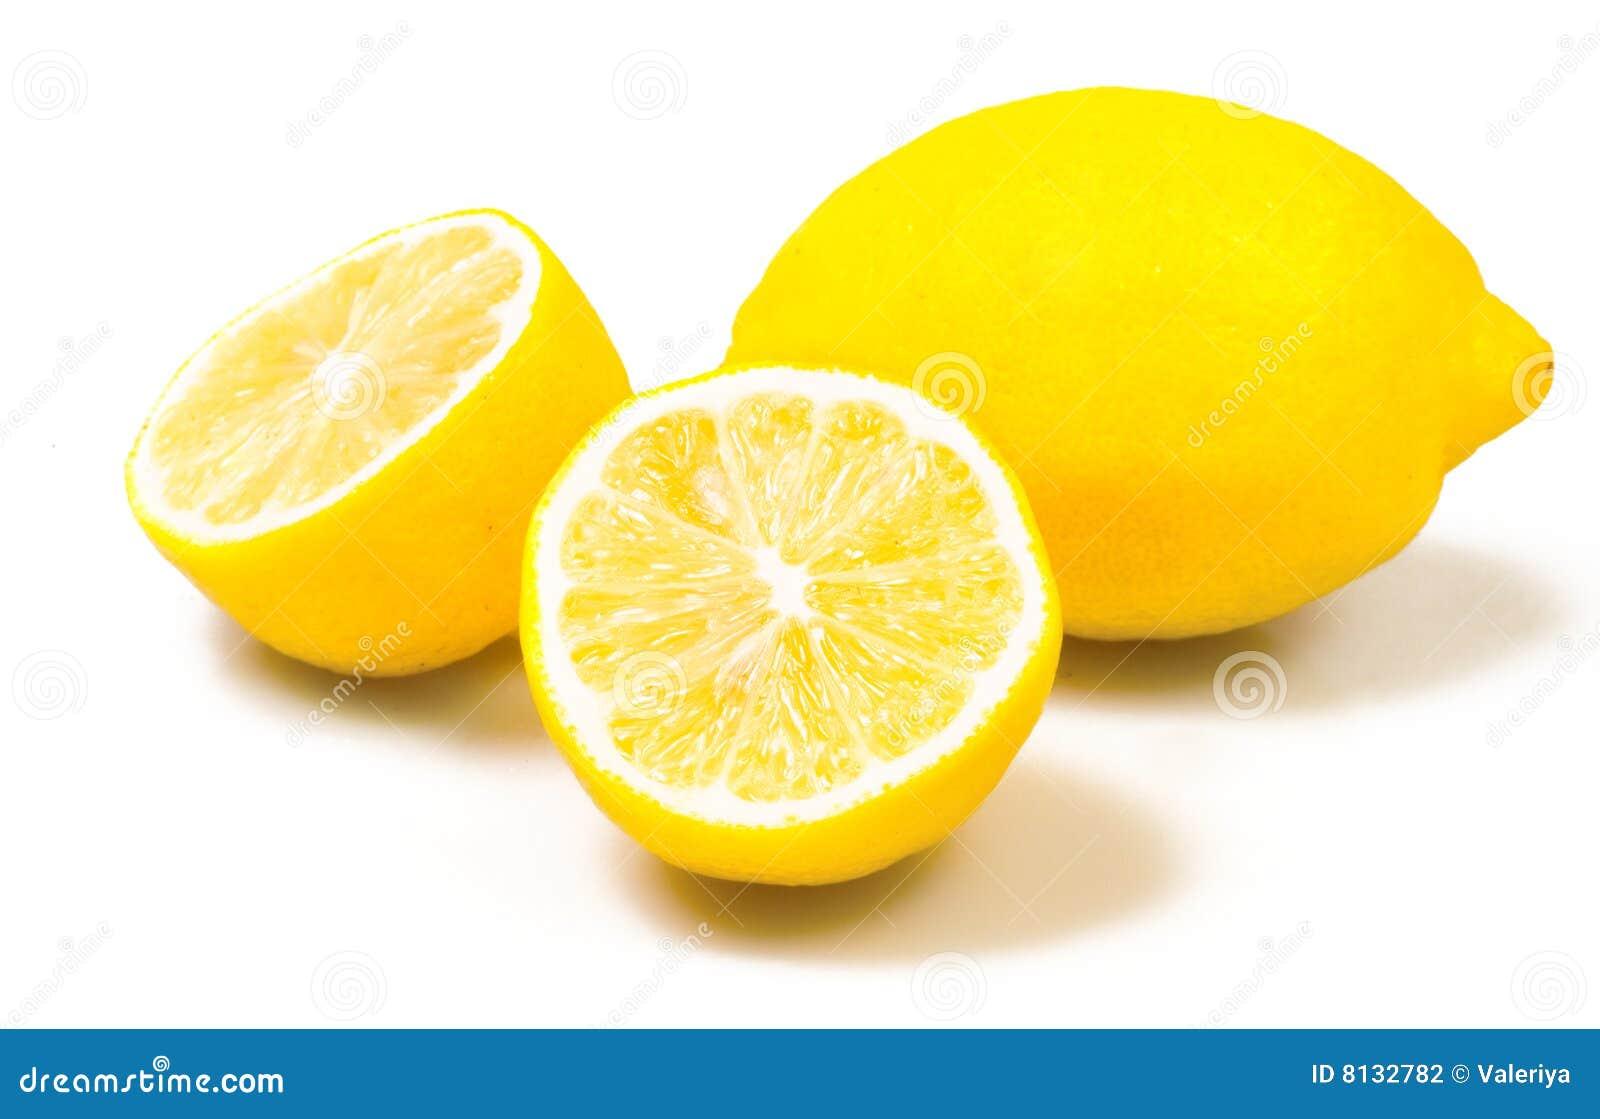 Limone giallo fotografia stock immagine 8132782 for Kiwi giallo piante acquisto